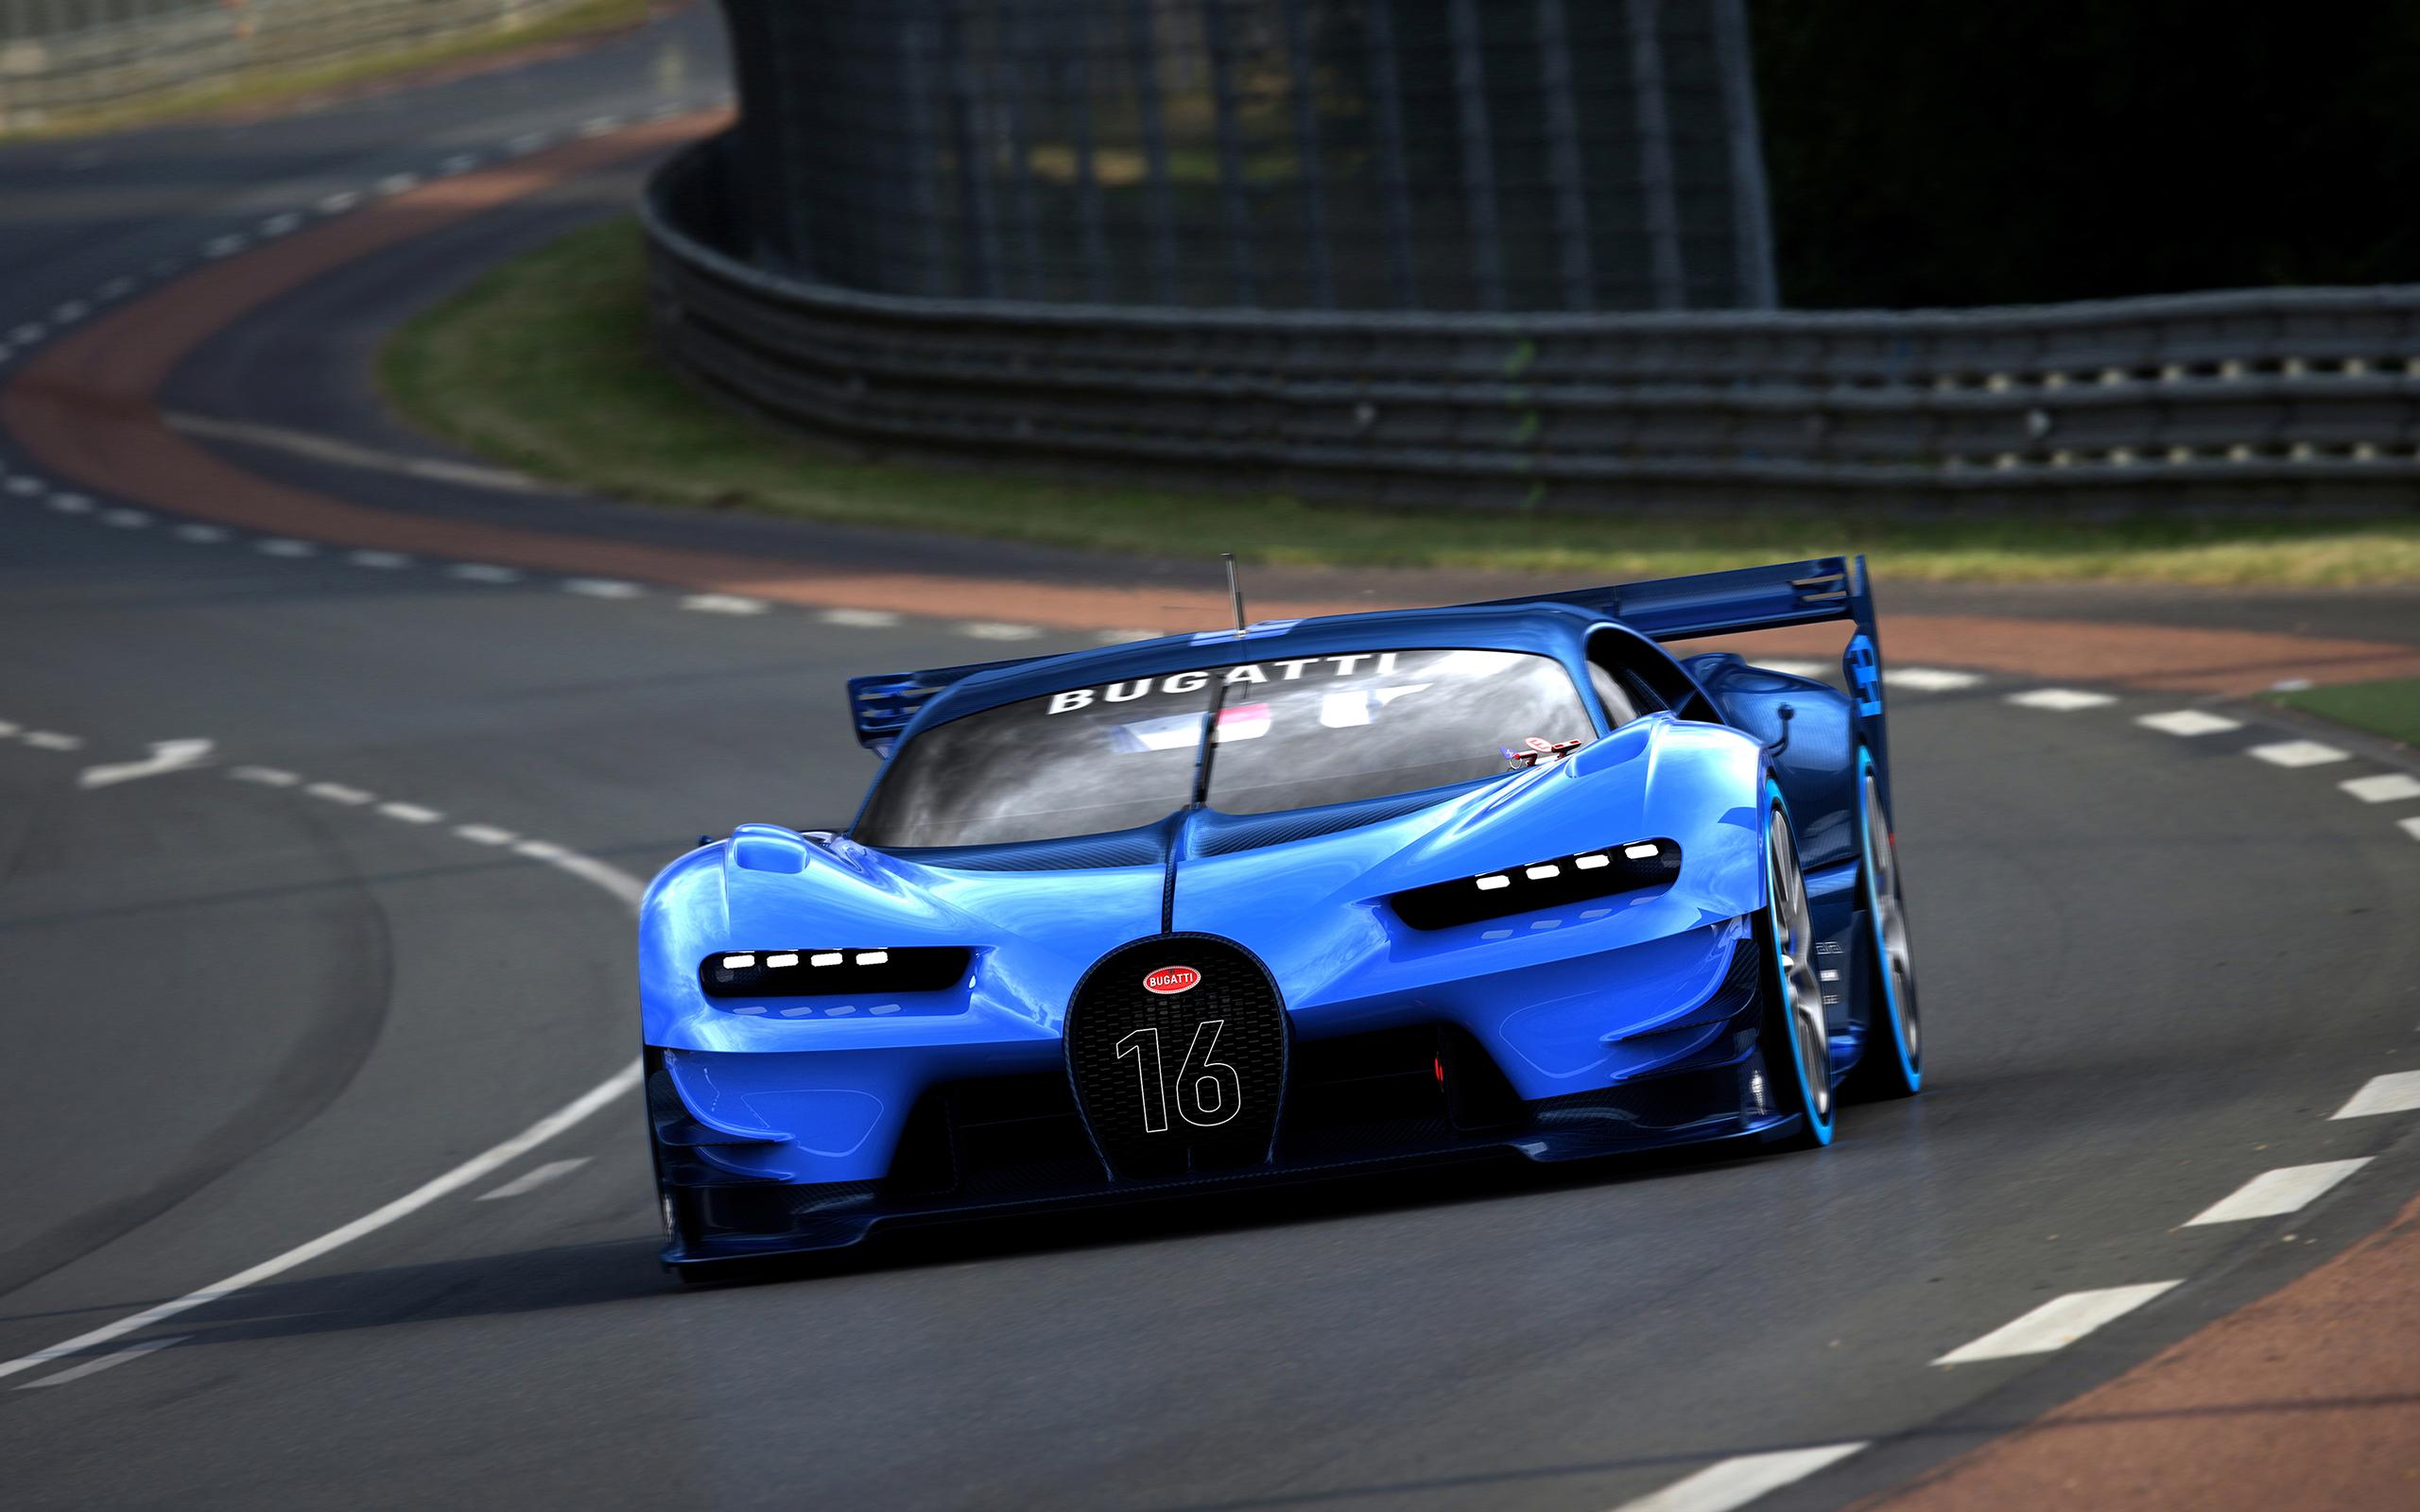 Bugatti Vision Gran Turismo Car Video Games Gran Turismo 6 Vehicle Race Tracks Super Car Wallpaper Bugatti Bugatti Veyron Turismo